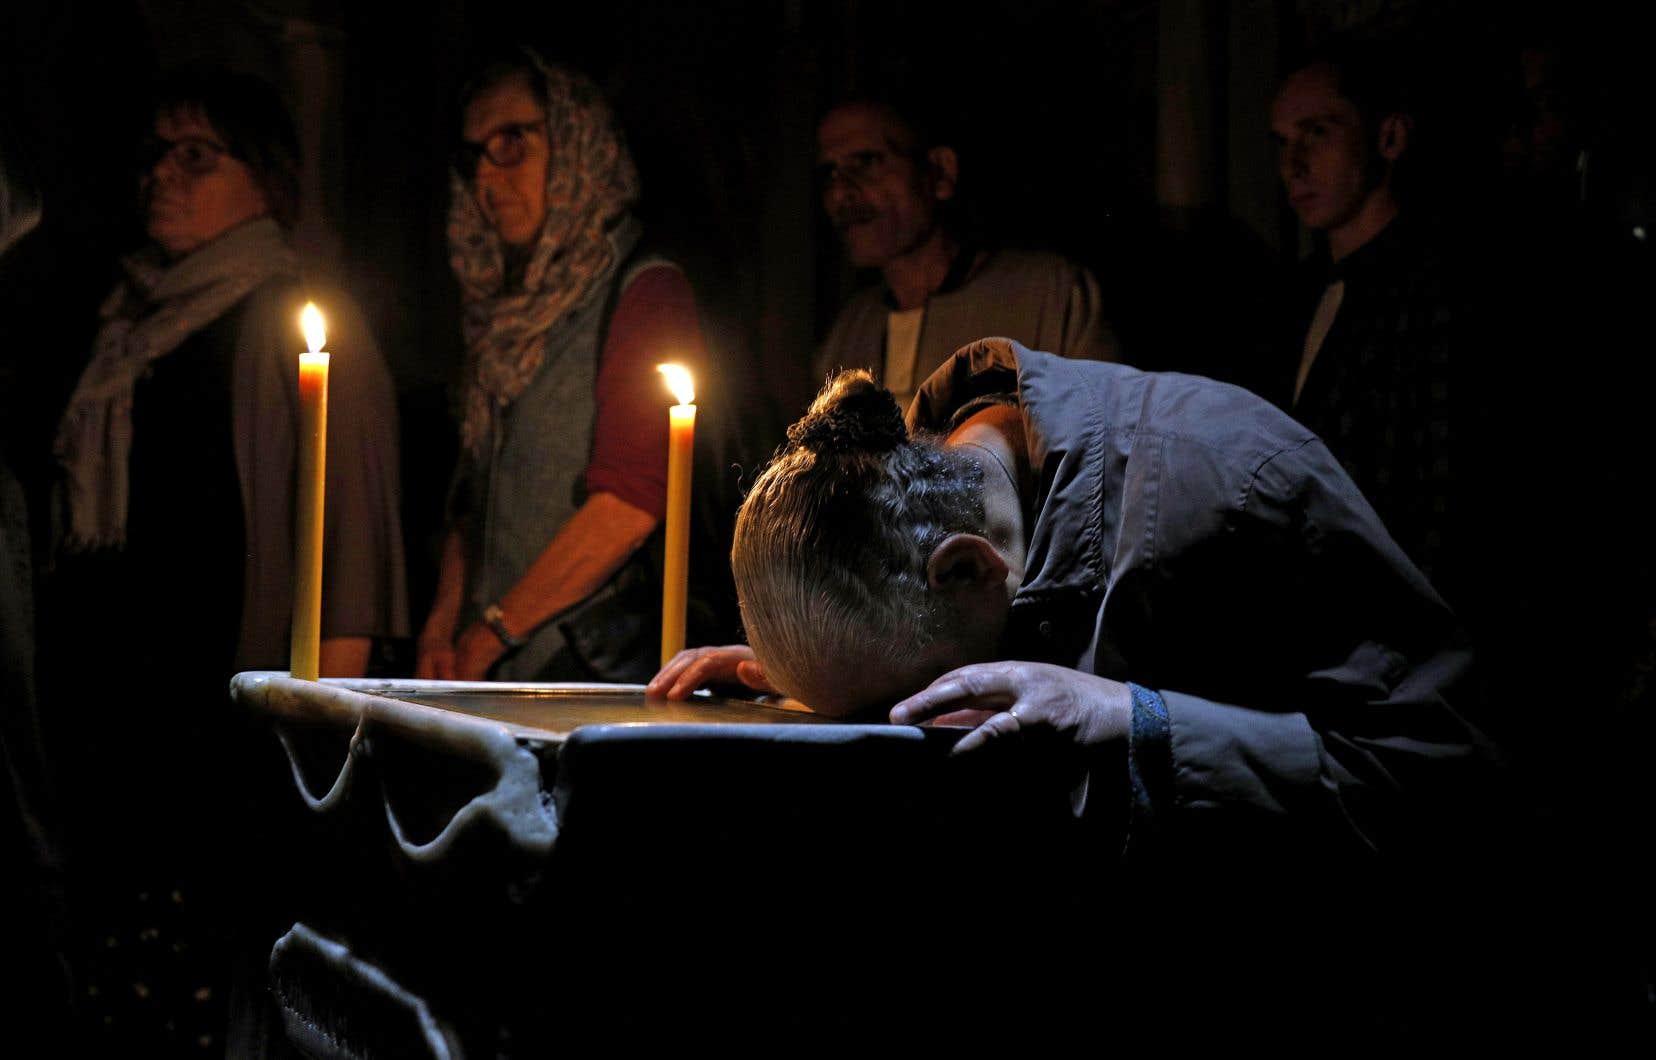 Un pèlerin copte prie à l'intérieur de la basilique du Saint-Sépulcre, dans le quartier chrétien de la vieille ville de Jérusalem.